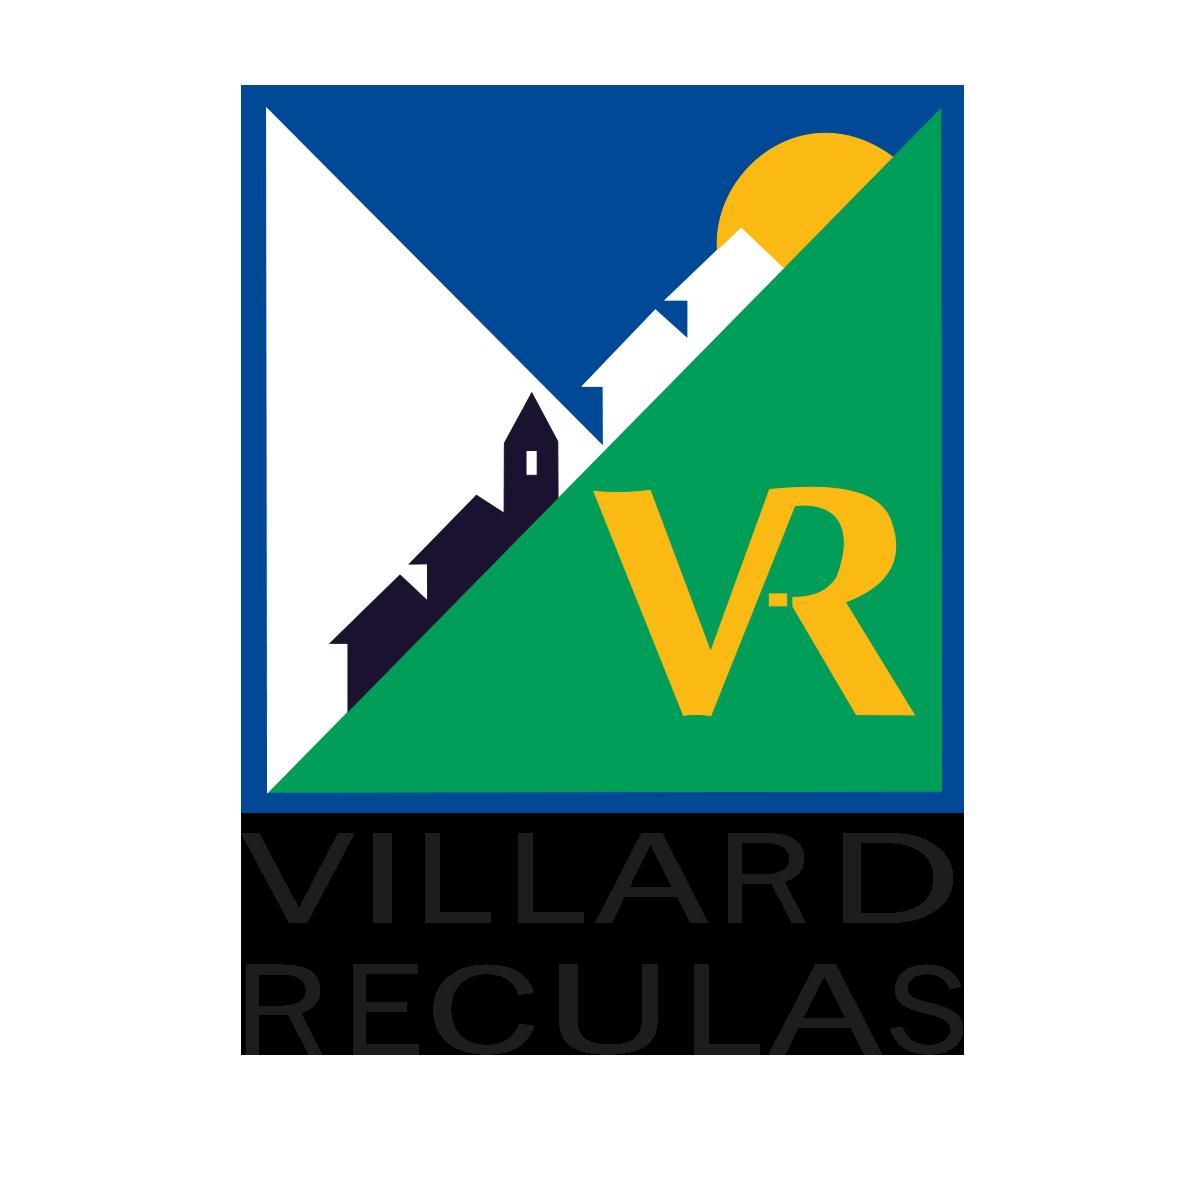 Villard reculas